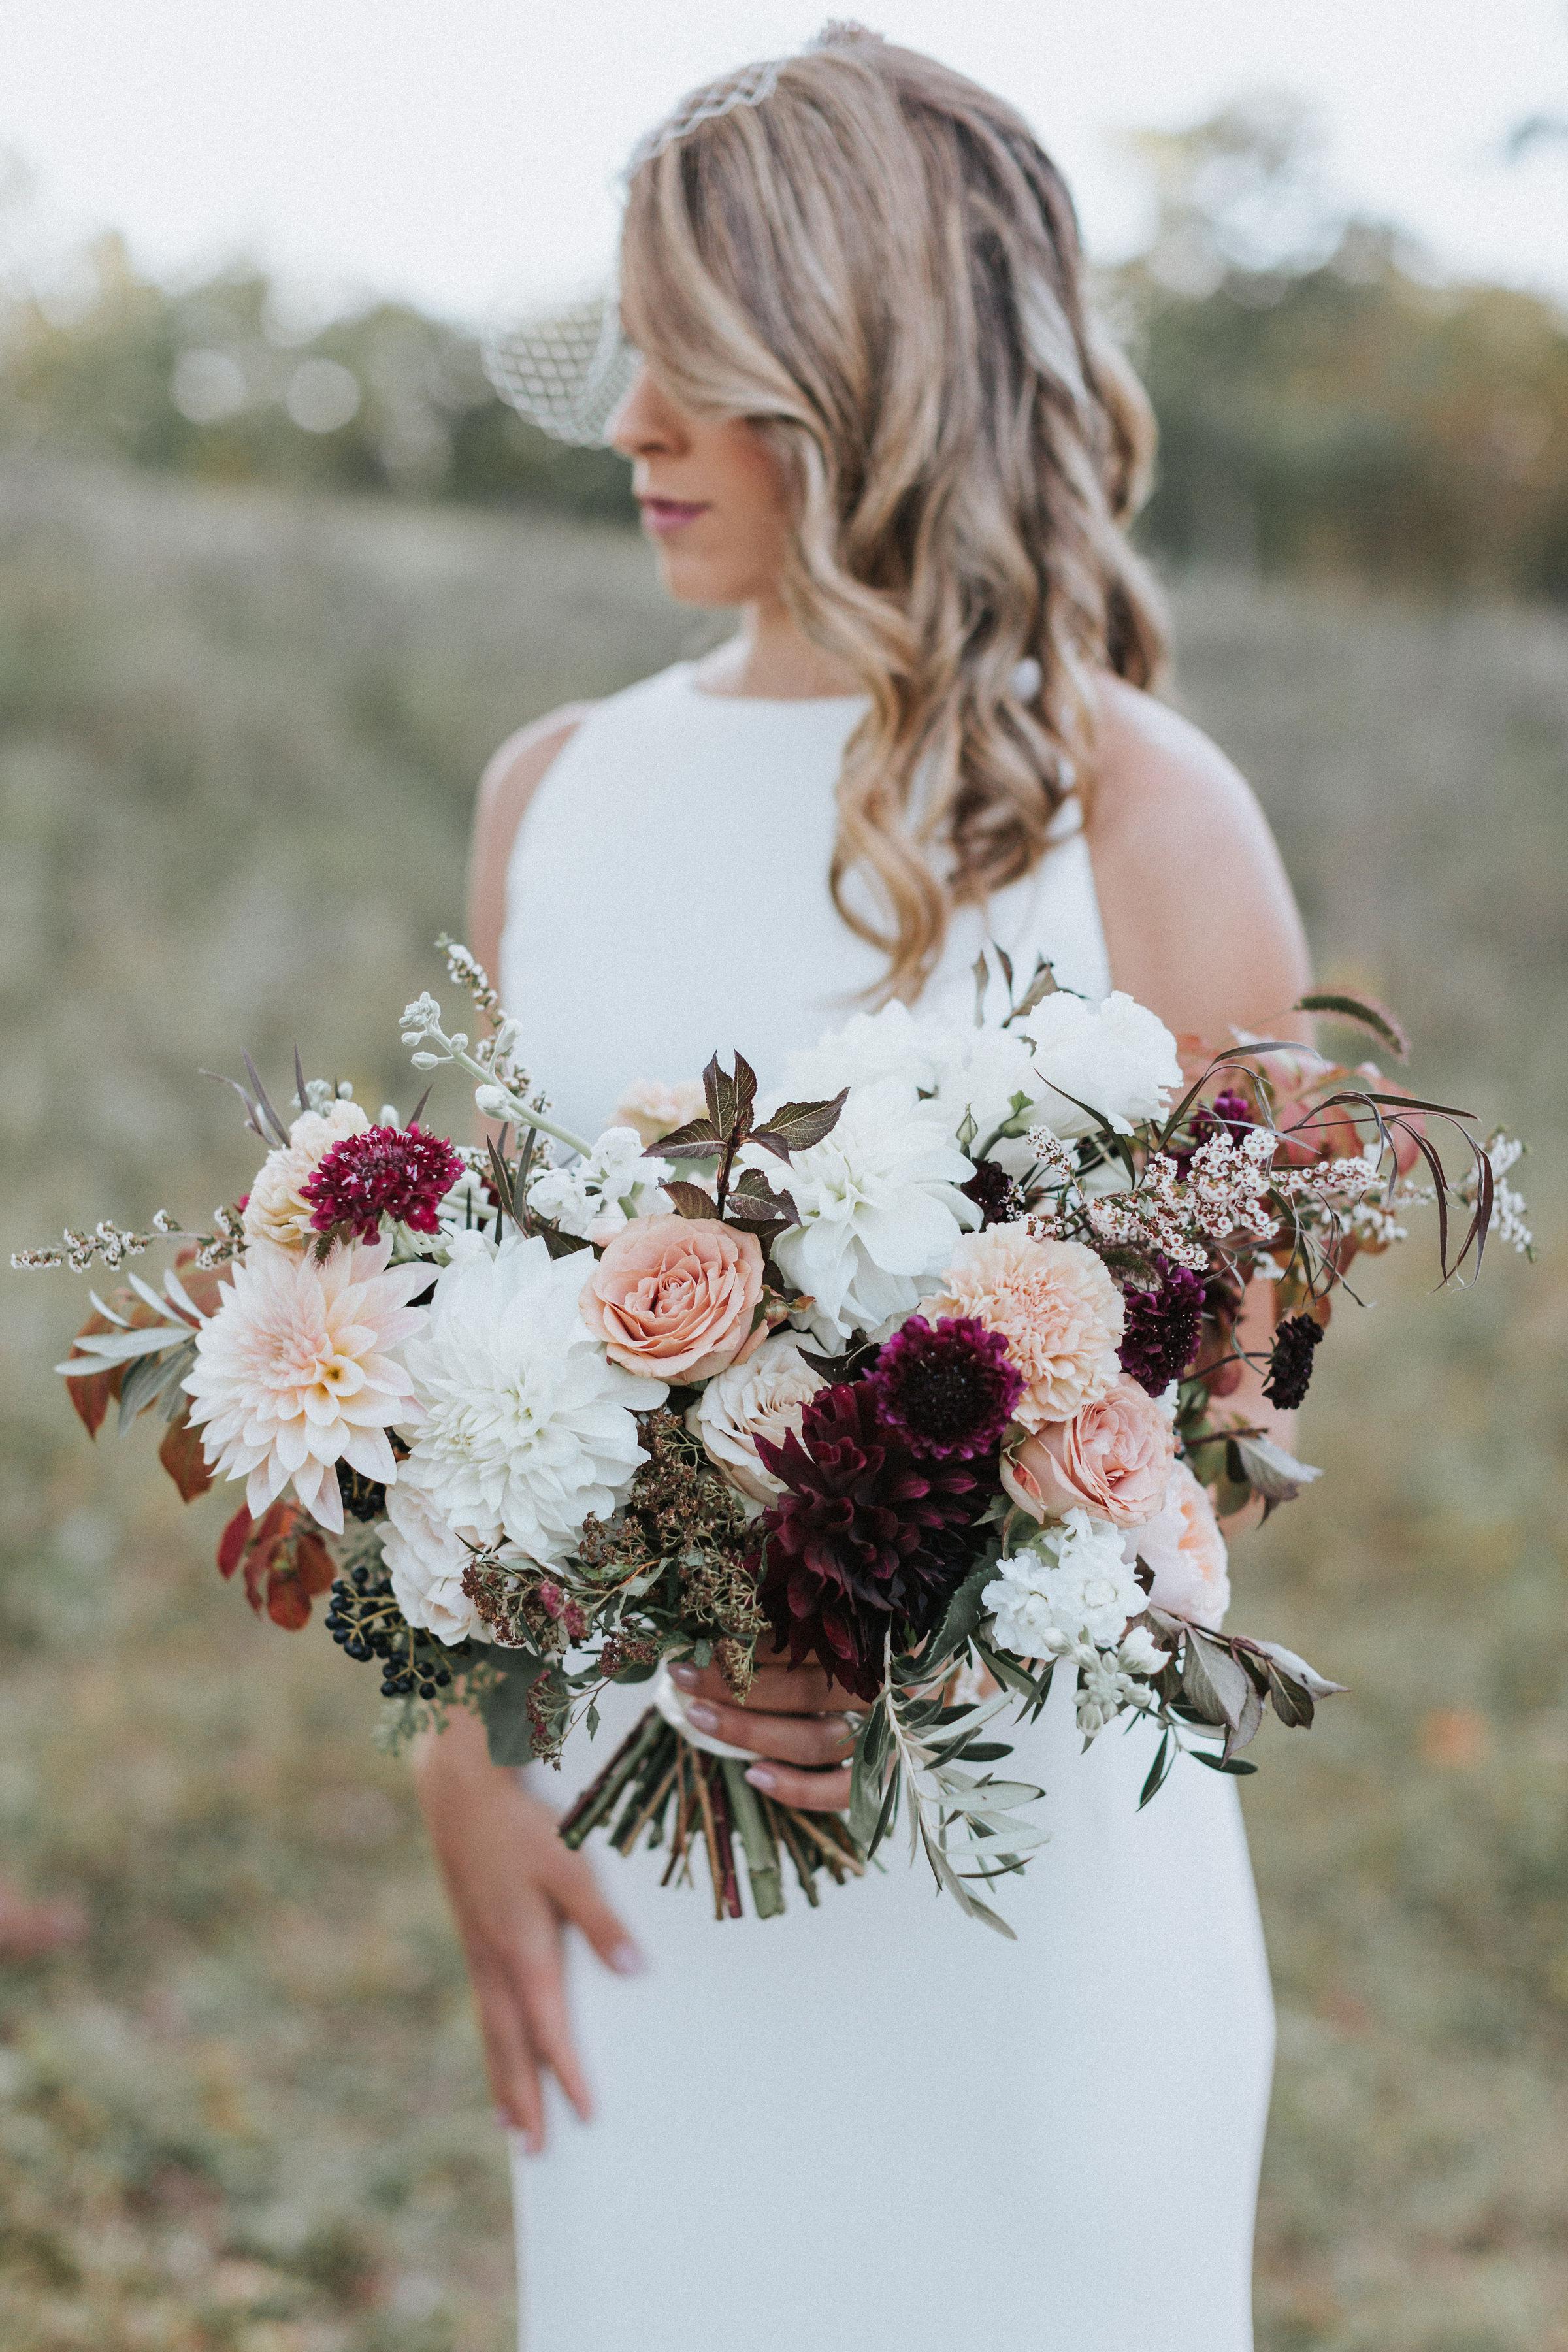 Allie_Greg_Beech_Hill_Barn_Wedding_Portraits-260.jpg